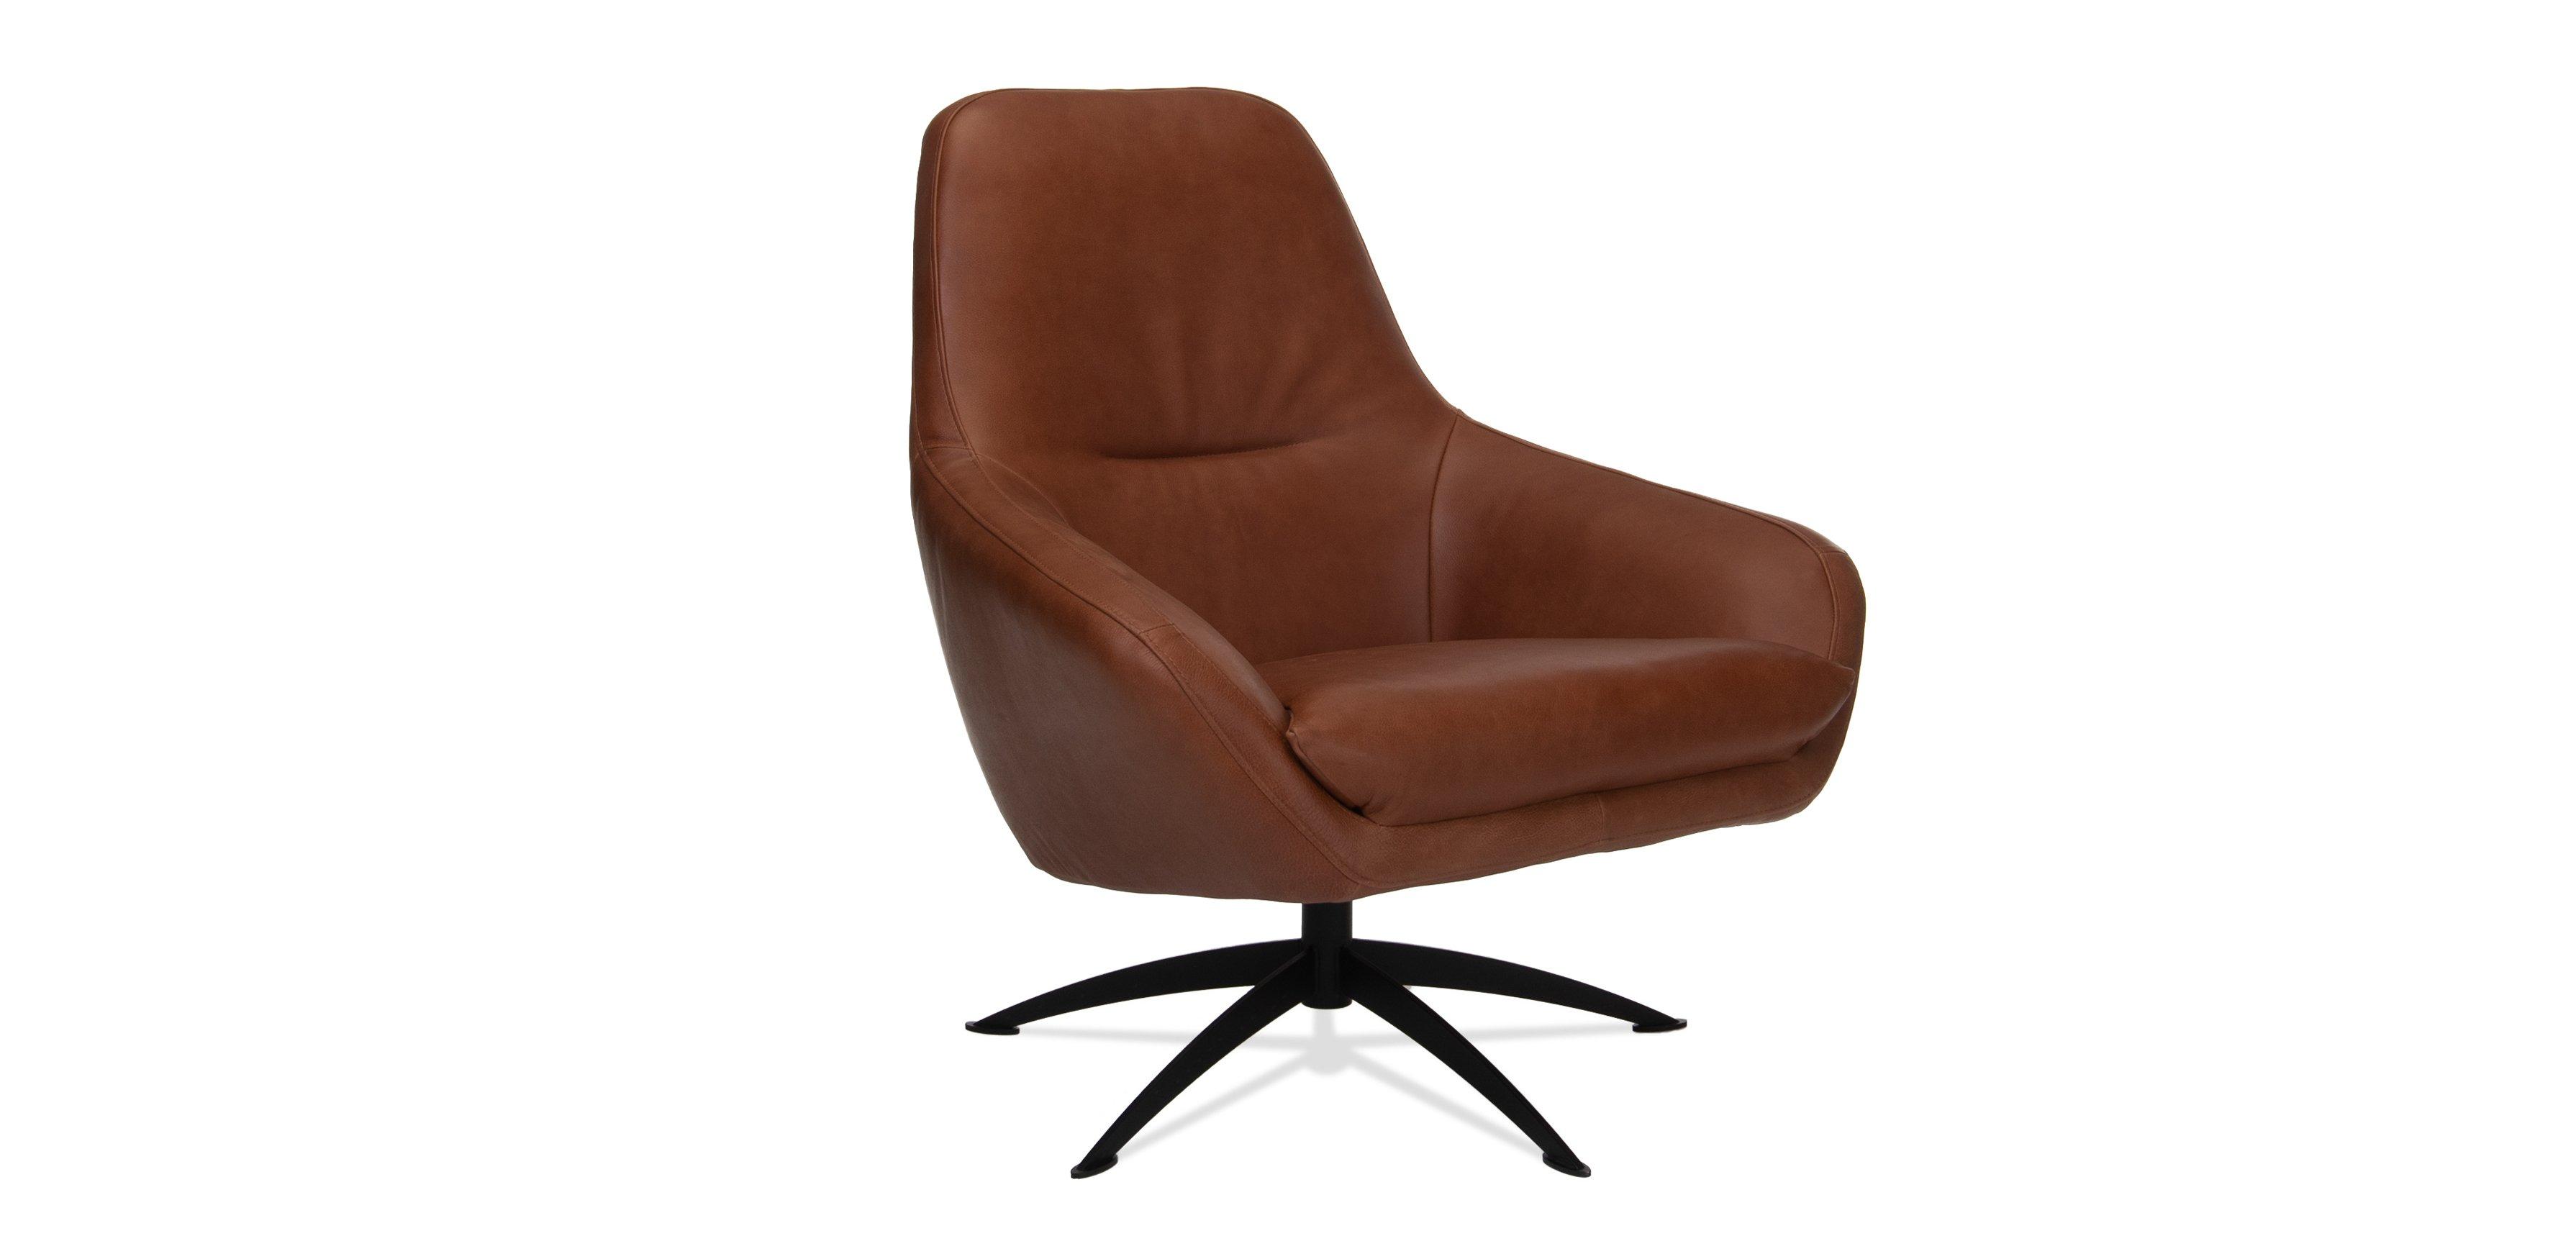 Specter fauteuil DYYK 3